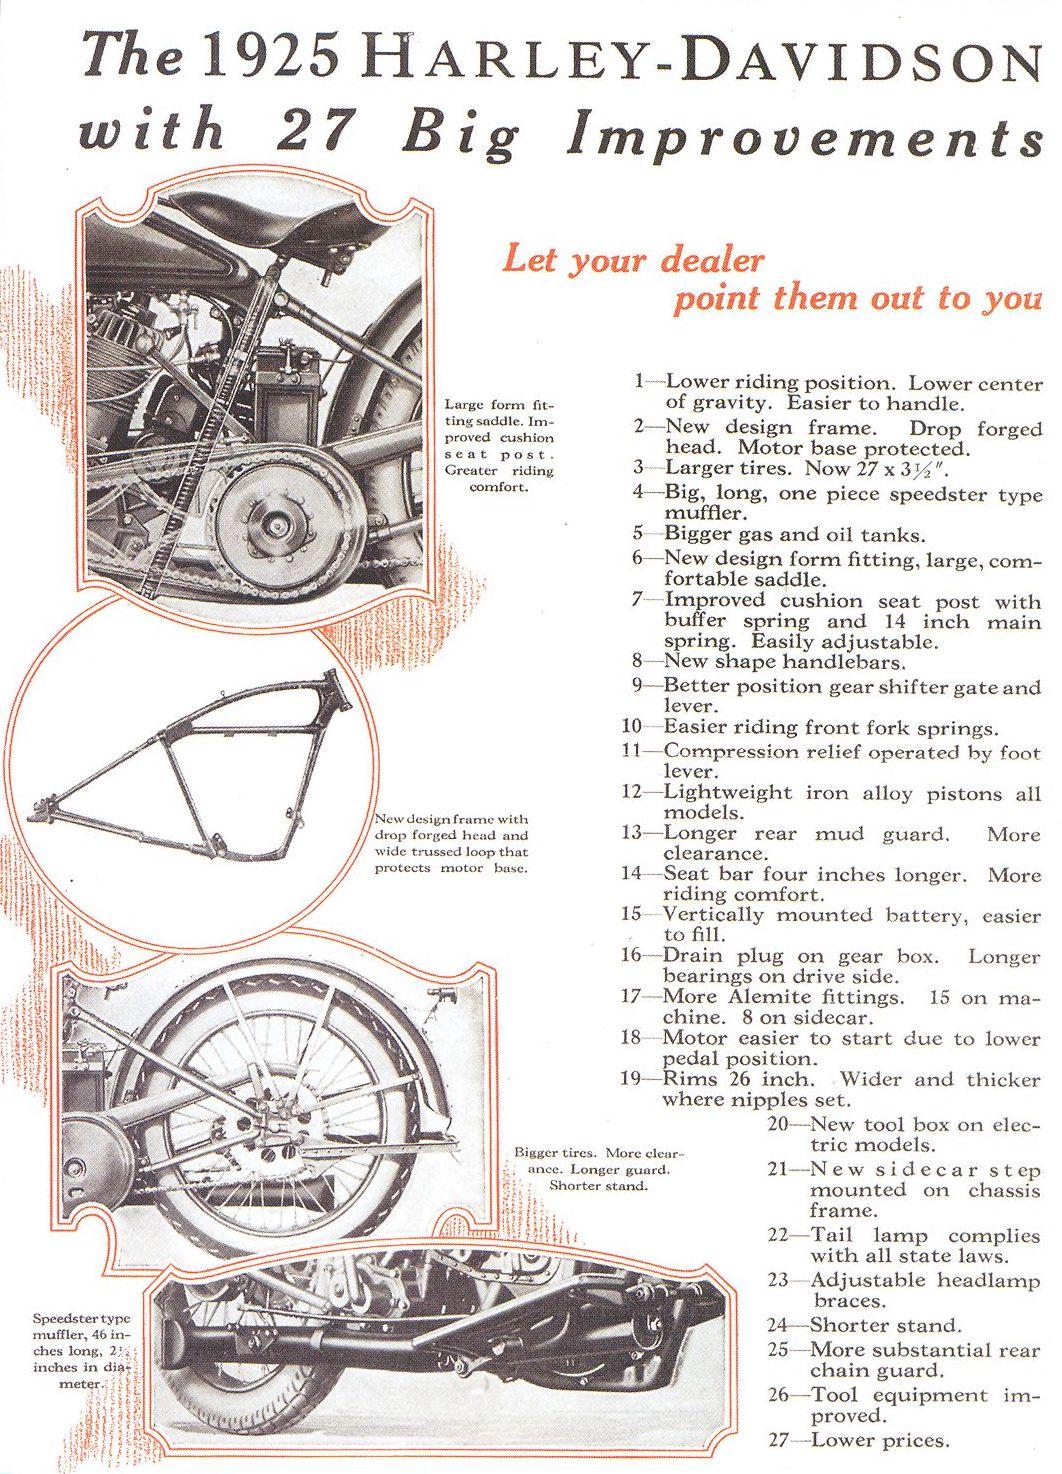 Las 27 grandes mejoras de 1925